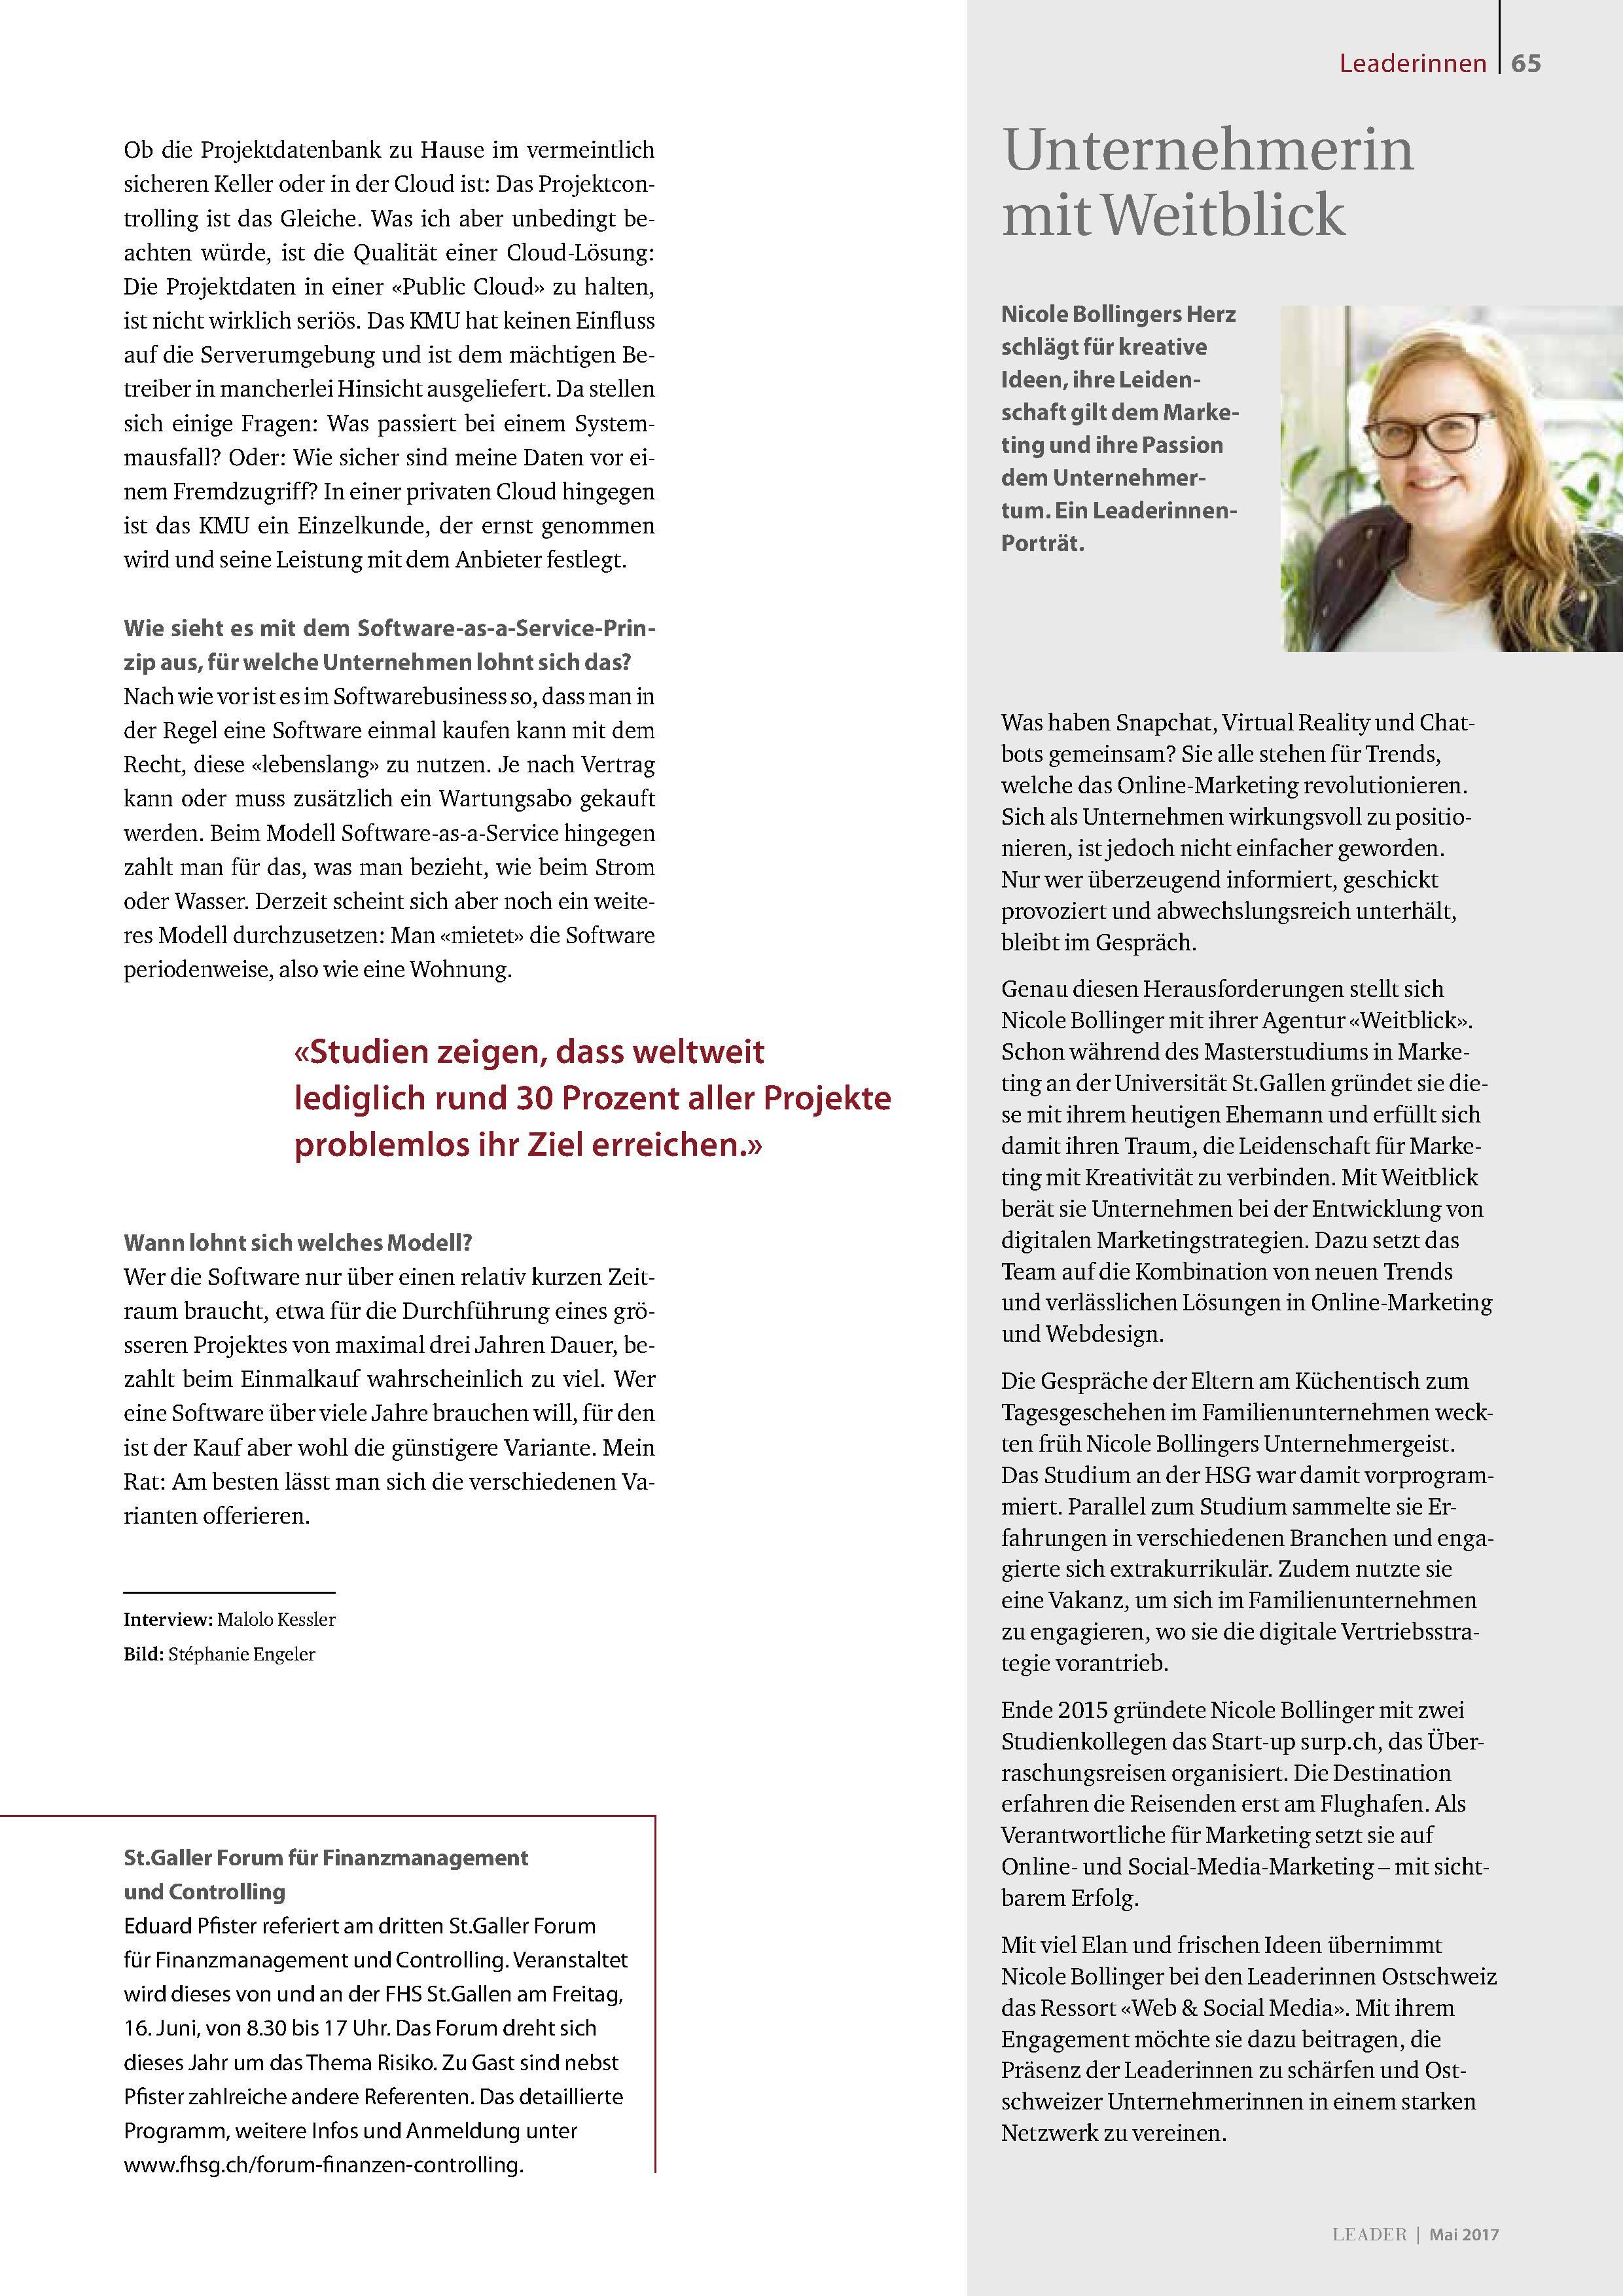 Artikel über Nicole bei den Leaderinnen